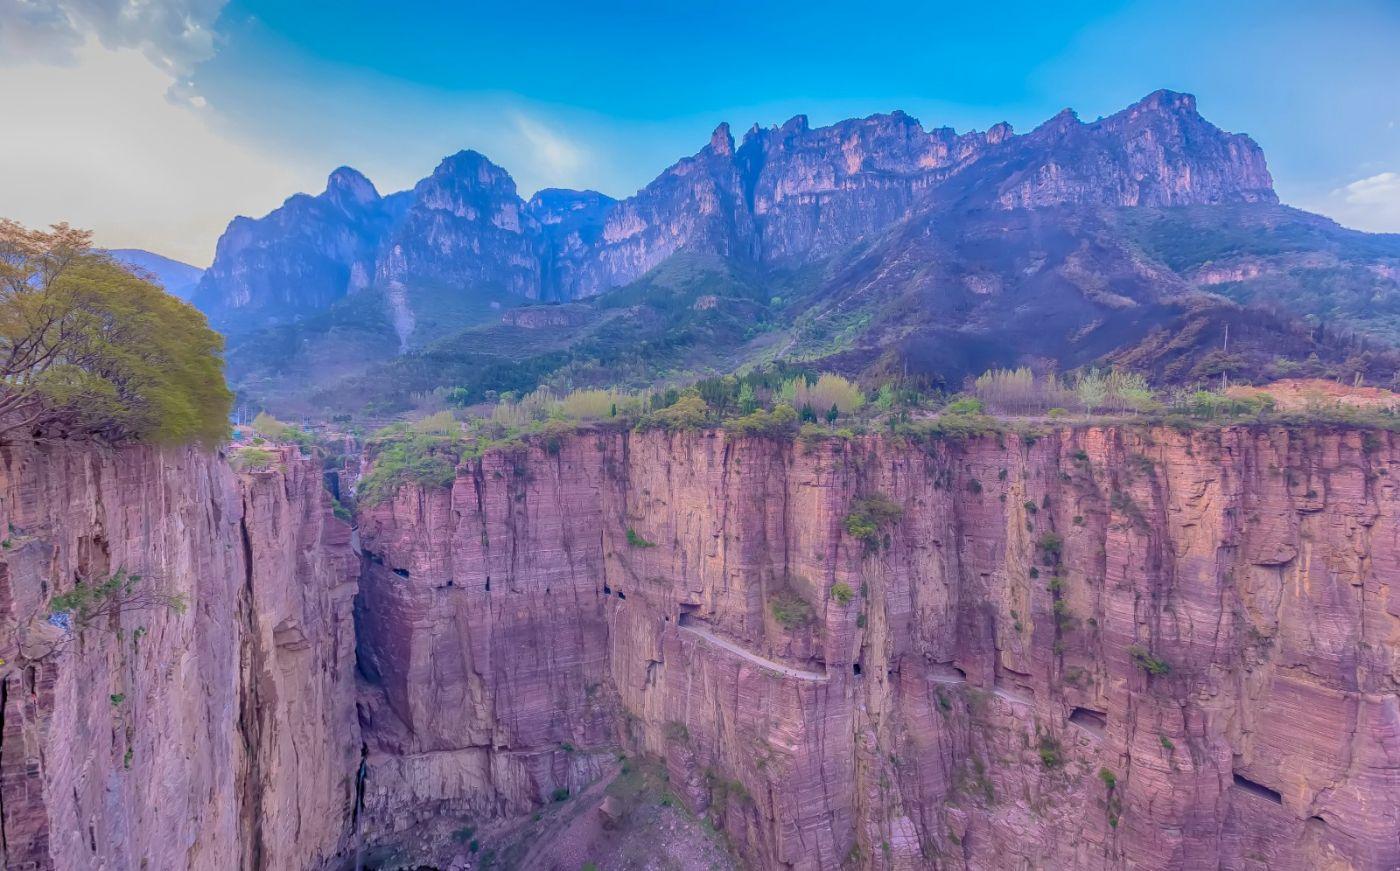 崖壁上的古村落 郭亮村 绝处也有风景_图1-11